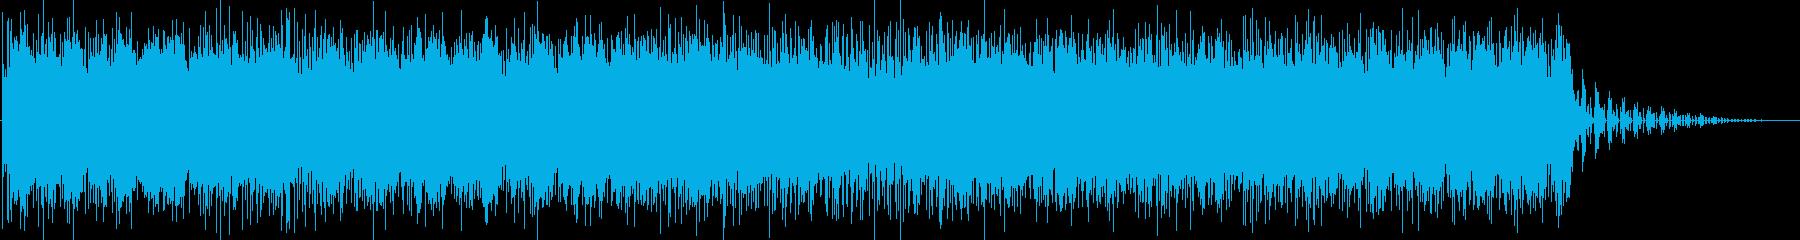 まったりした響きのあるメロディーの再生済みの波形